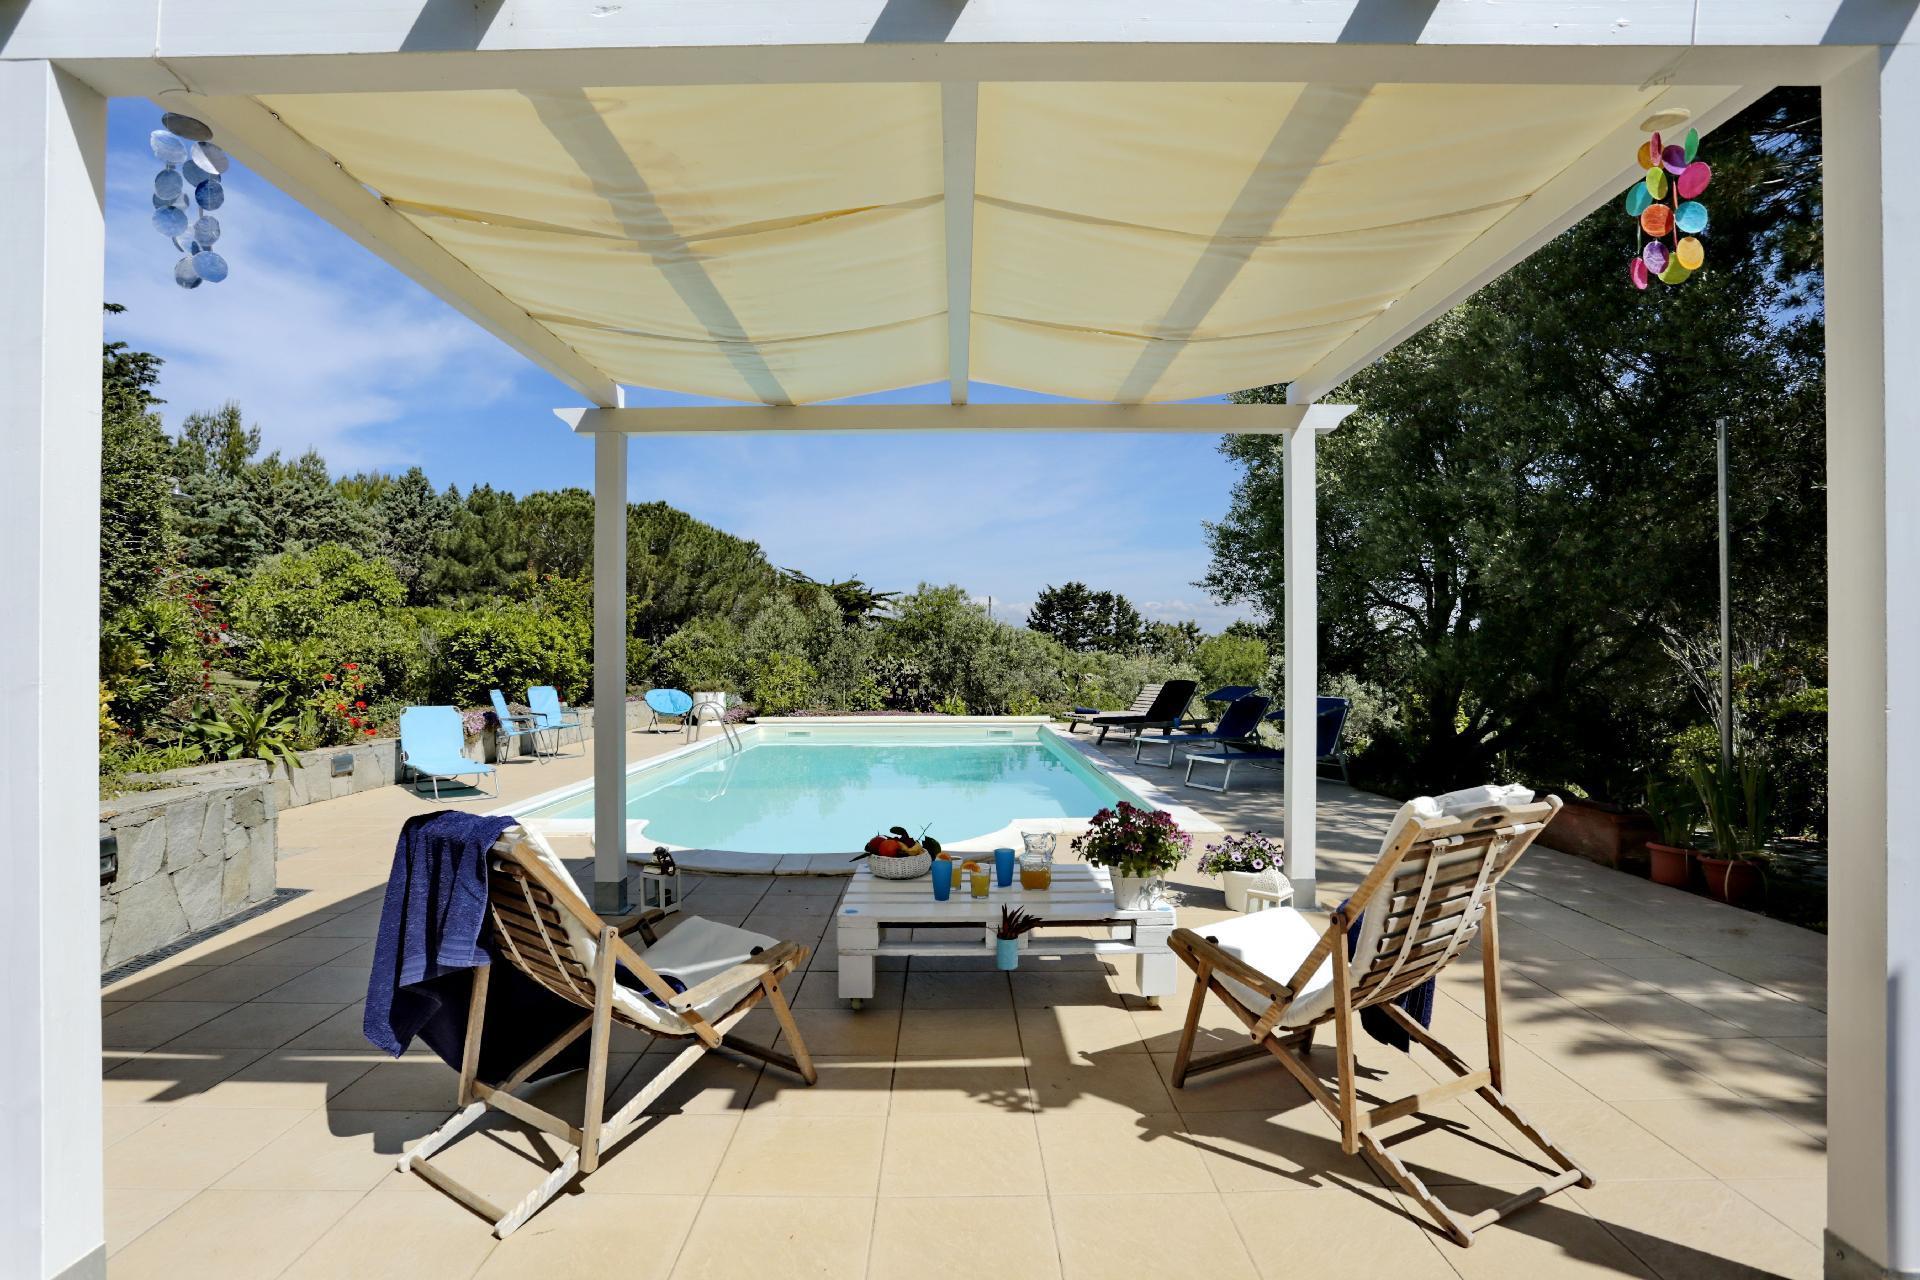 Ferienhaus mit Privatpool für 2 Personen  + 2